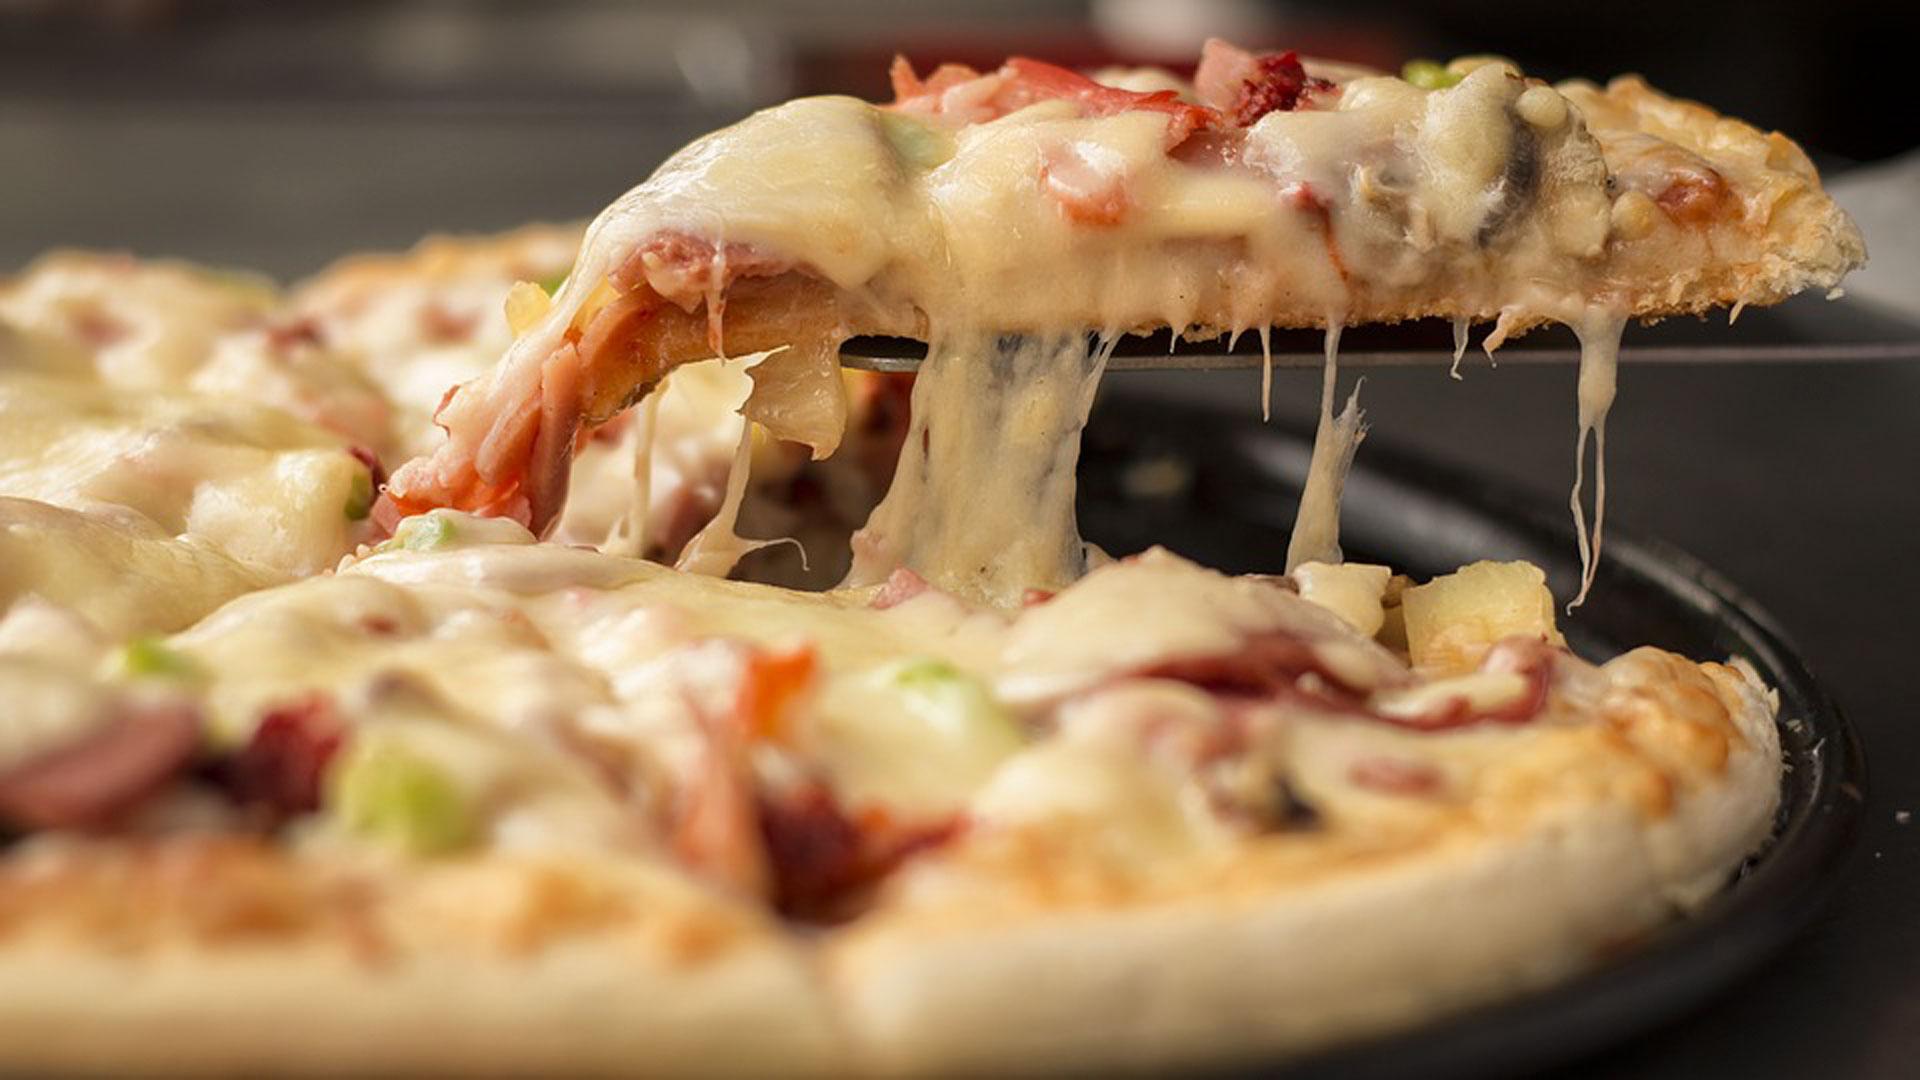 Saborea-nuestras-ricas-pizzas-1920